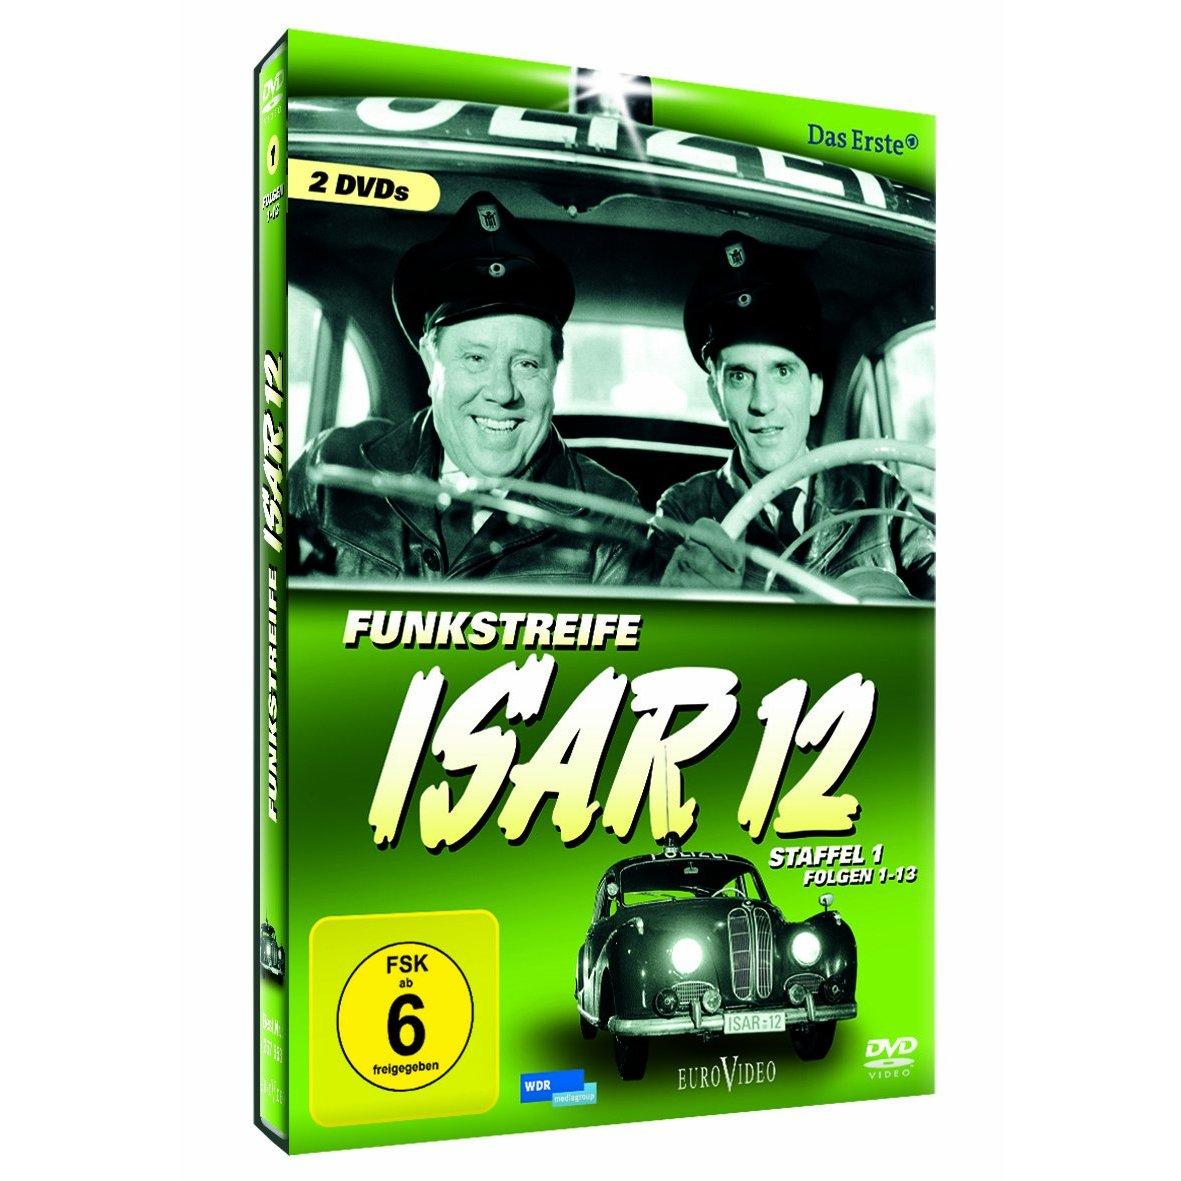 das erste dvd